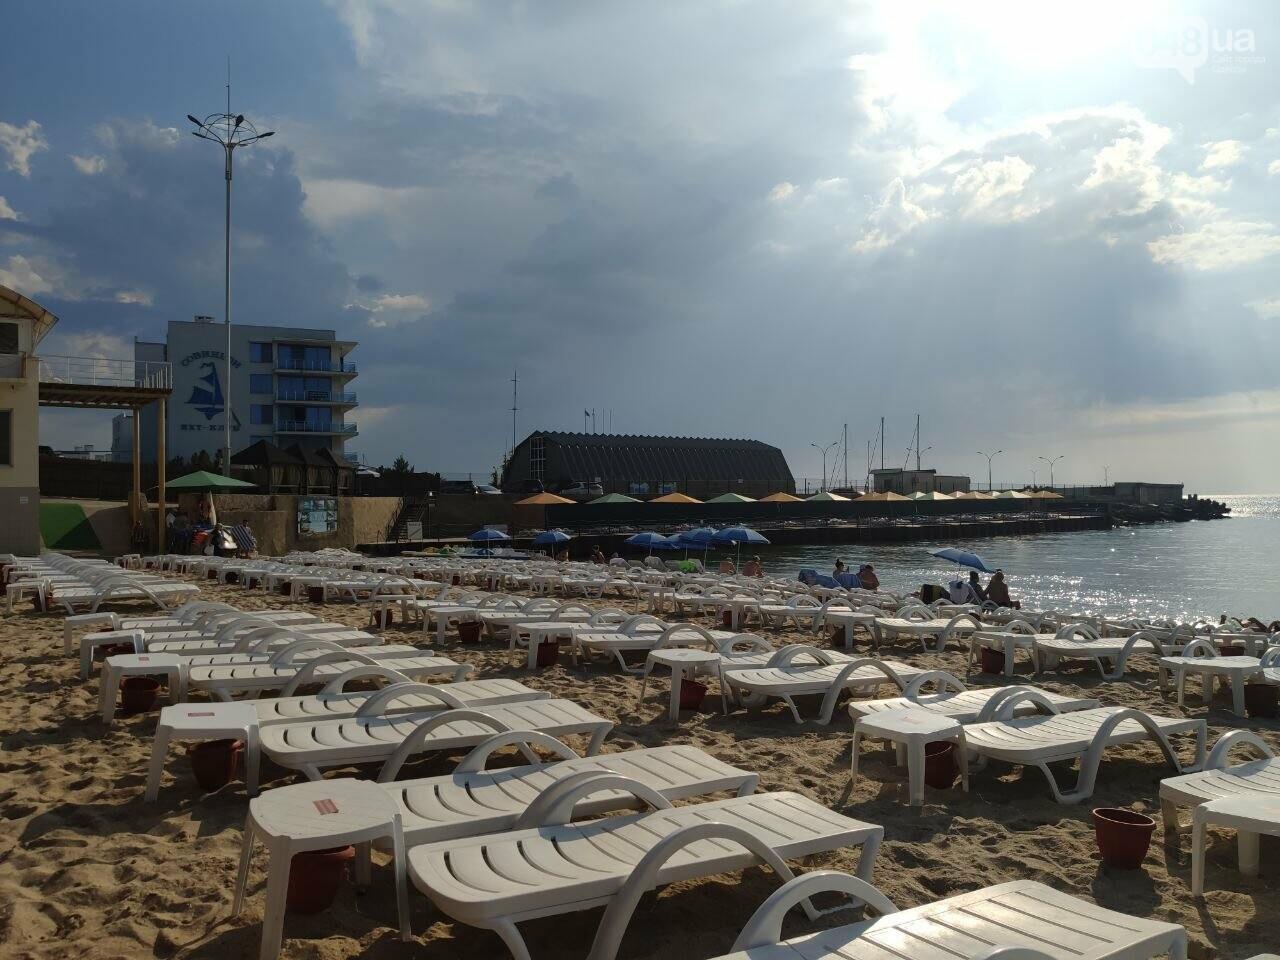 Пляж на Совиньоне под Одессой: что находится на закрытой территории и как туда попасть, - ФОТО, фото-6